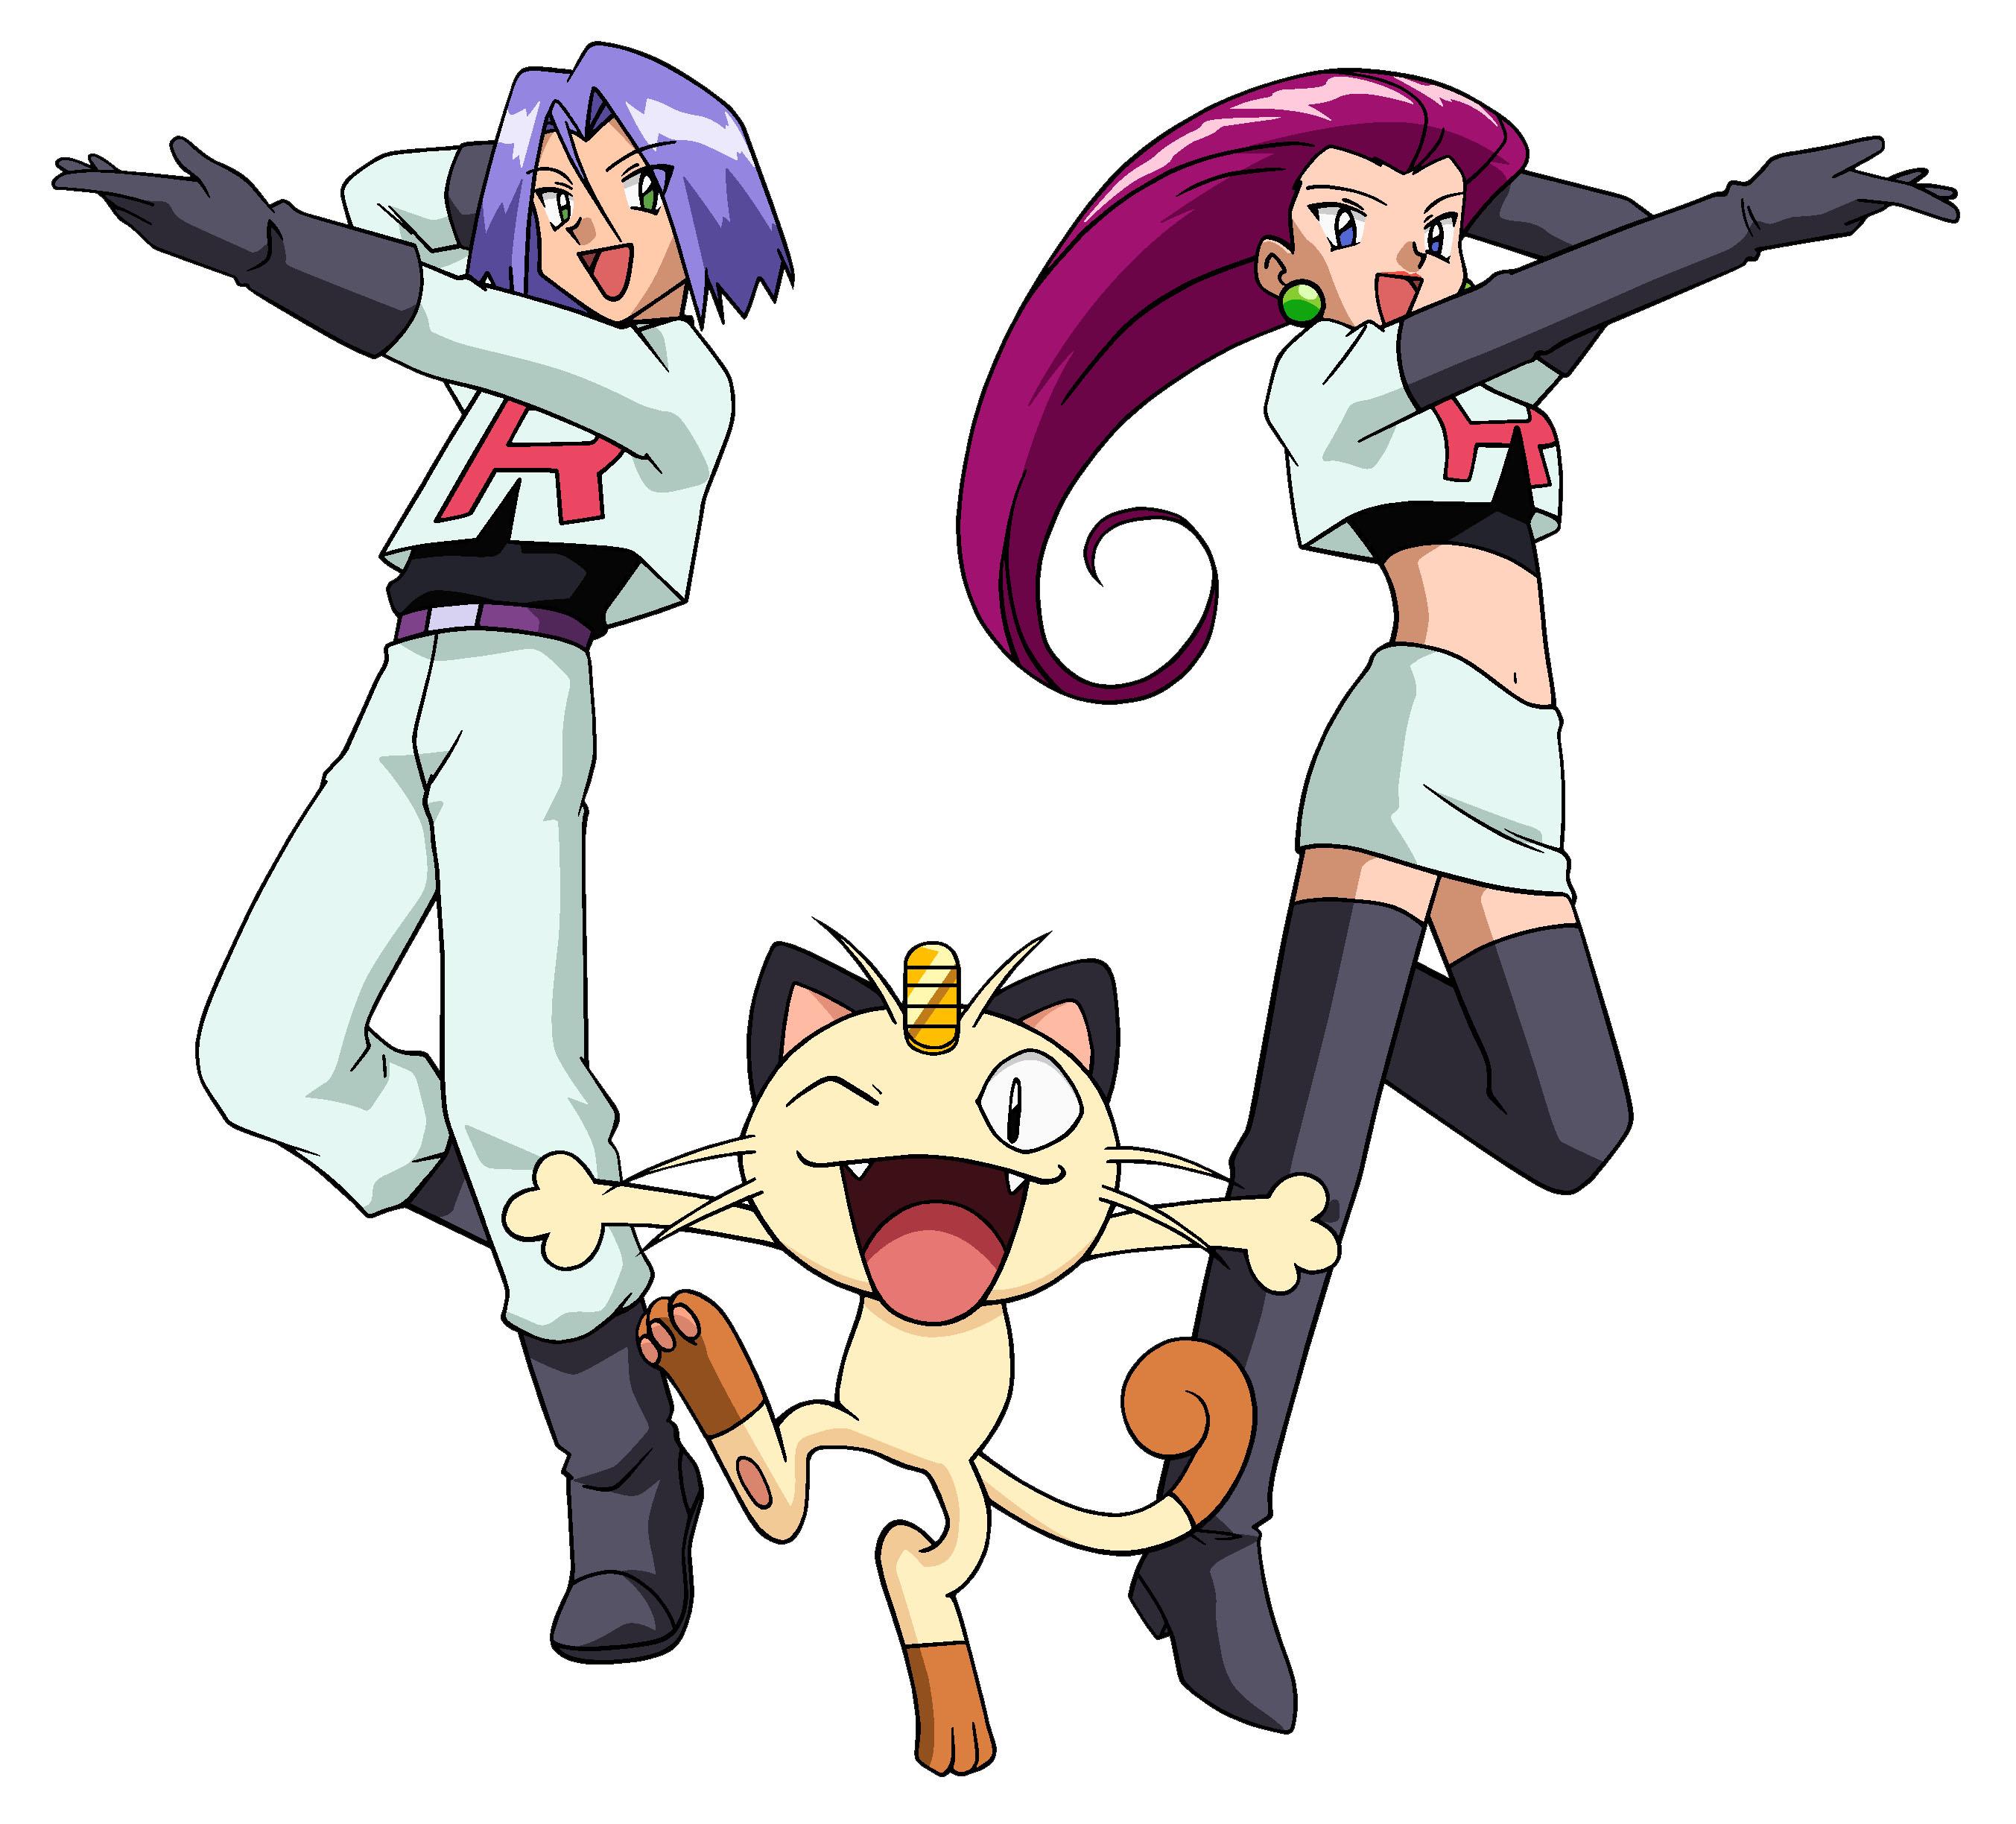 All hail pokémon villains james team rocket james